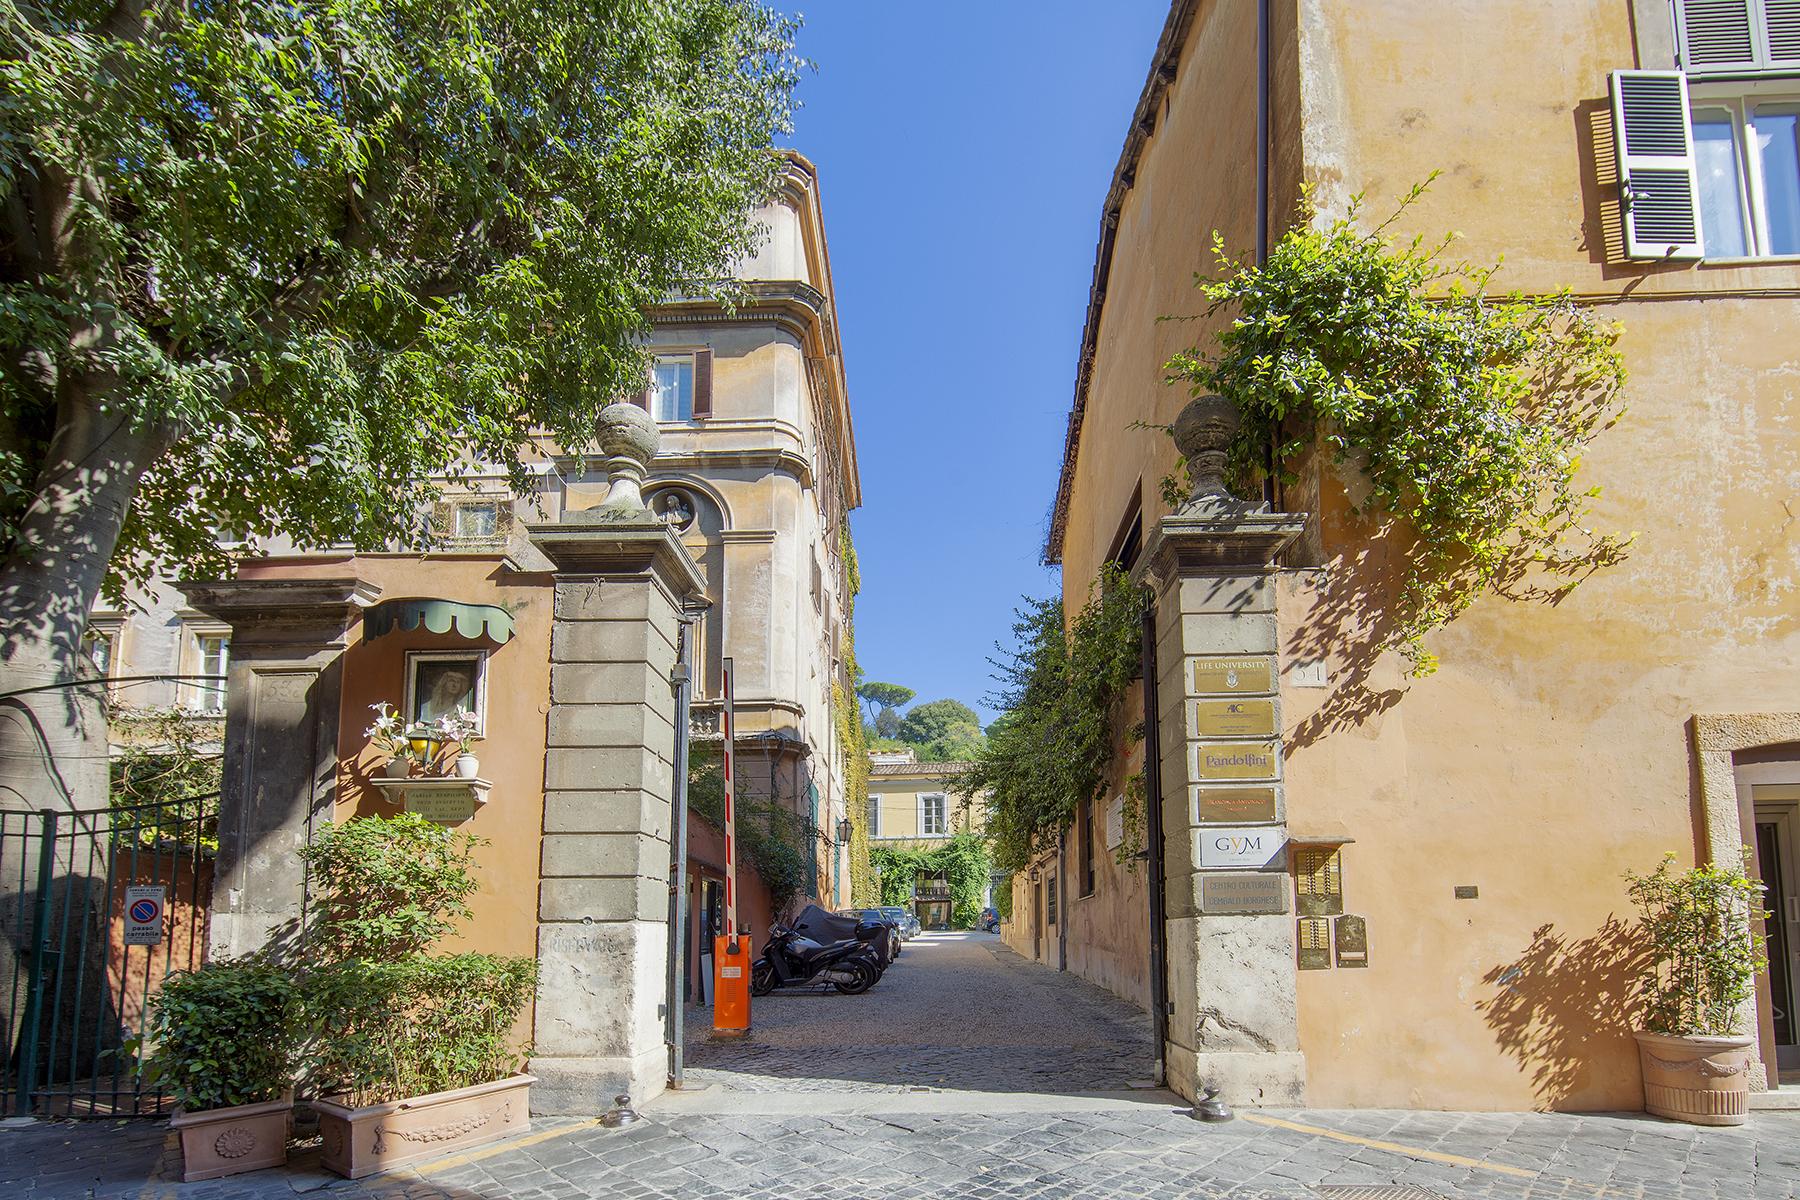 Quadri Moderni Roma Vendita immobili di lusso a roma - trovocasa pregio